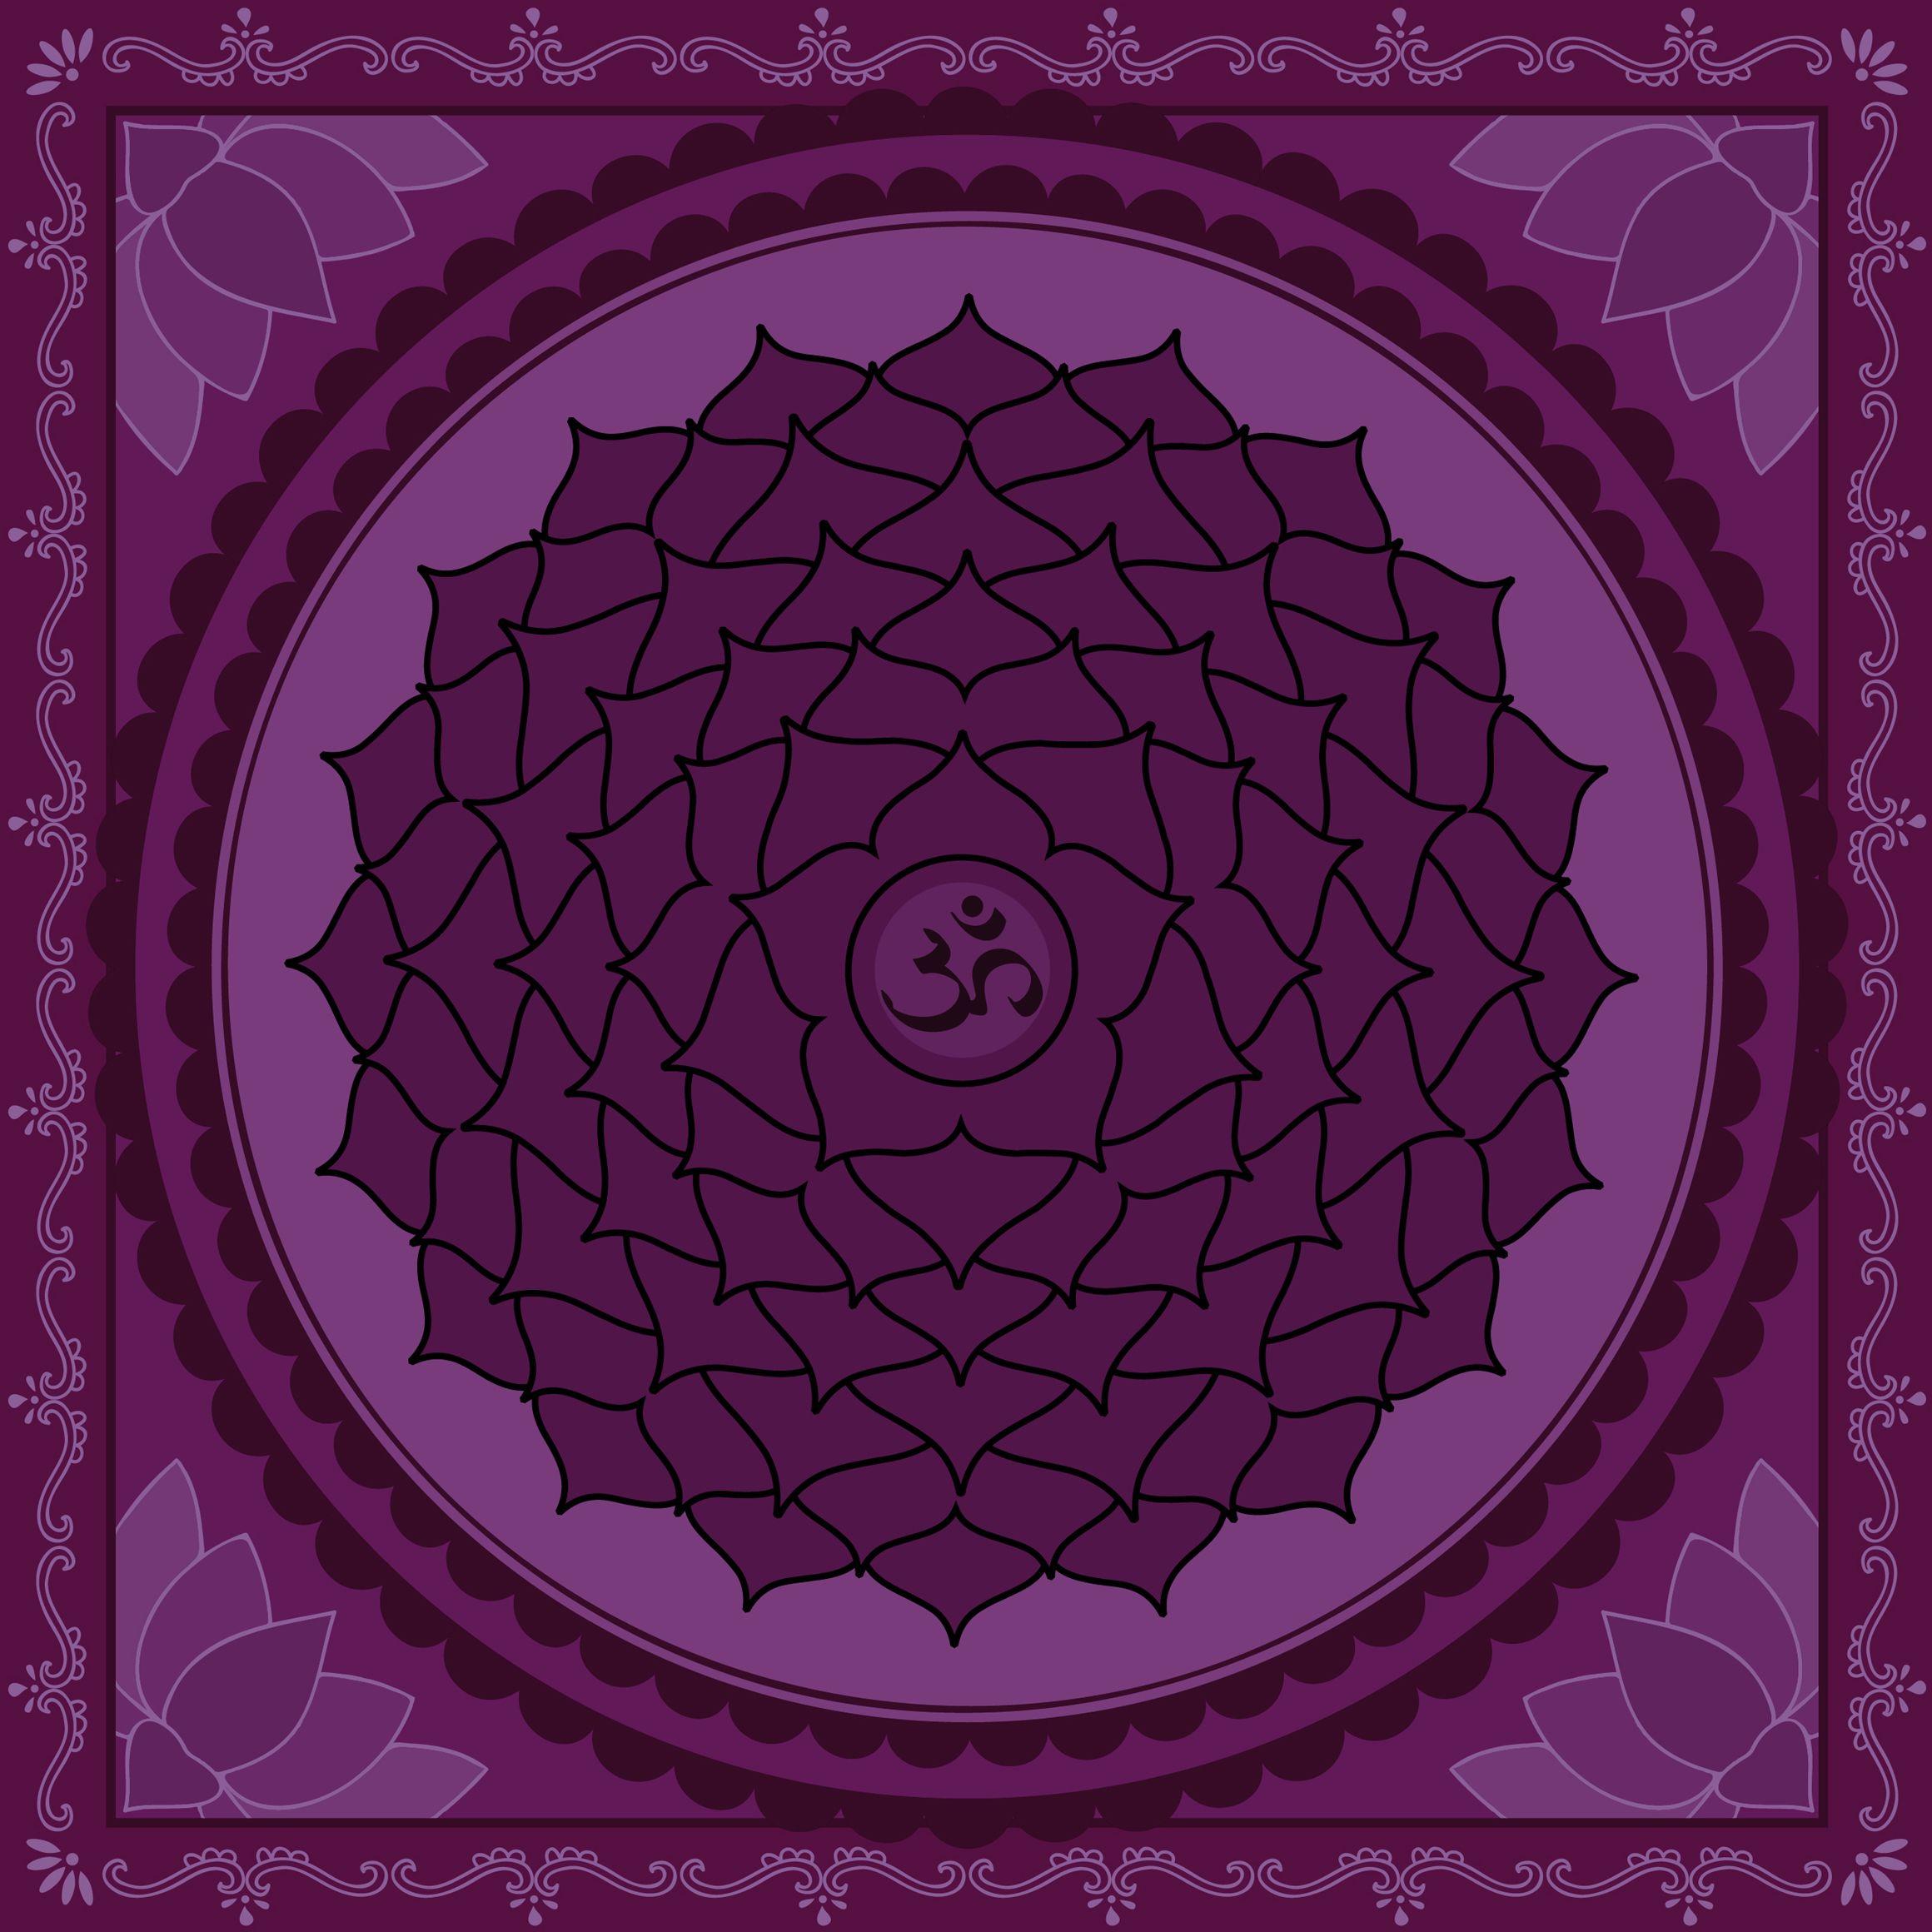 Crown chakra chakras energy pinterest crown chakra chakra crown chakra buycottarizona Image collections